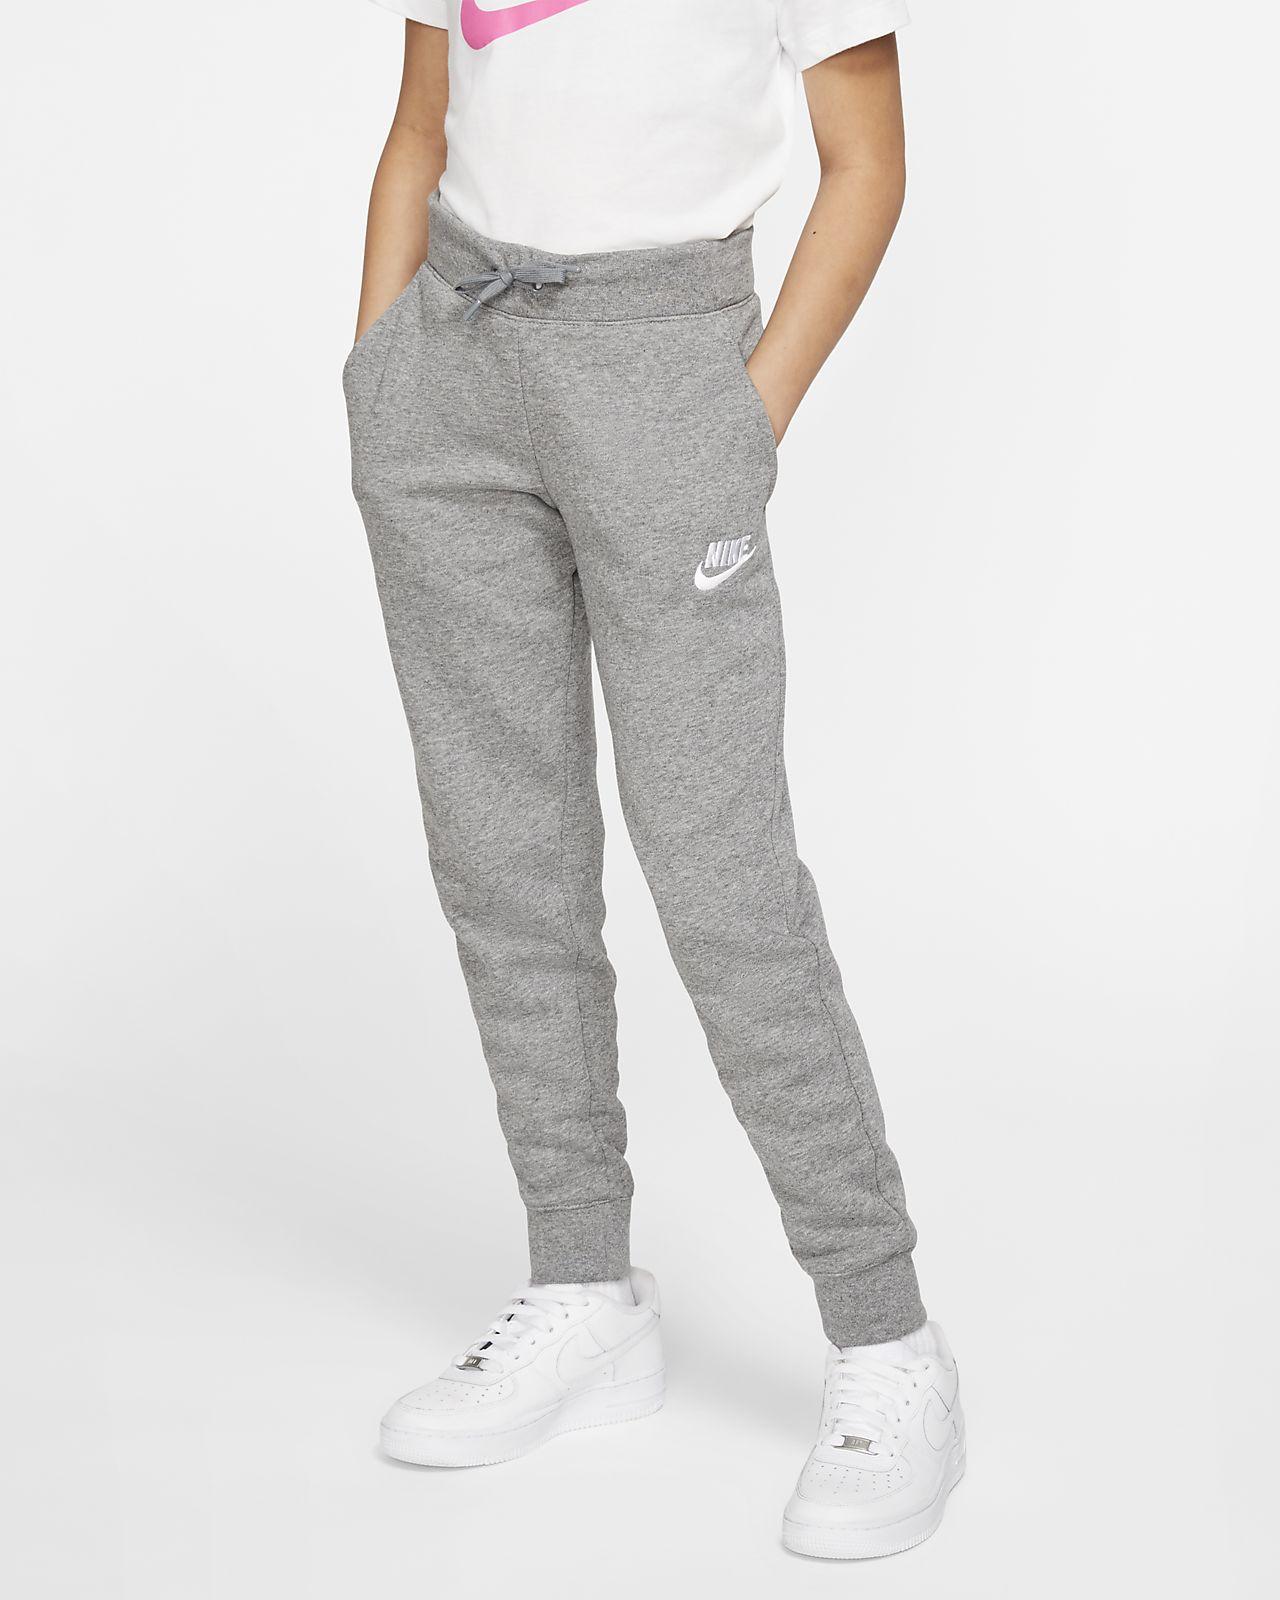 Nike Sportswear Girls' Trousers